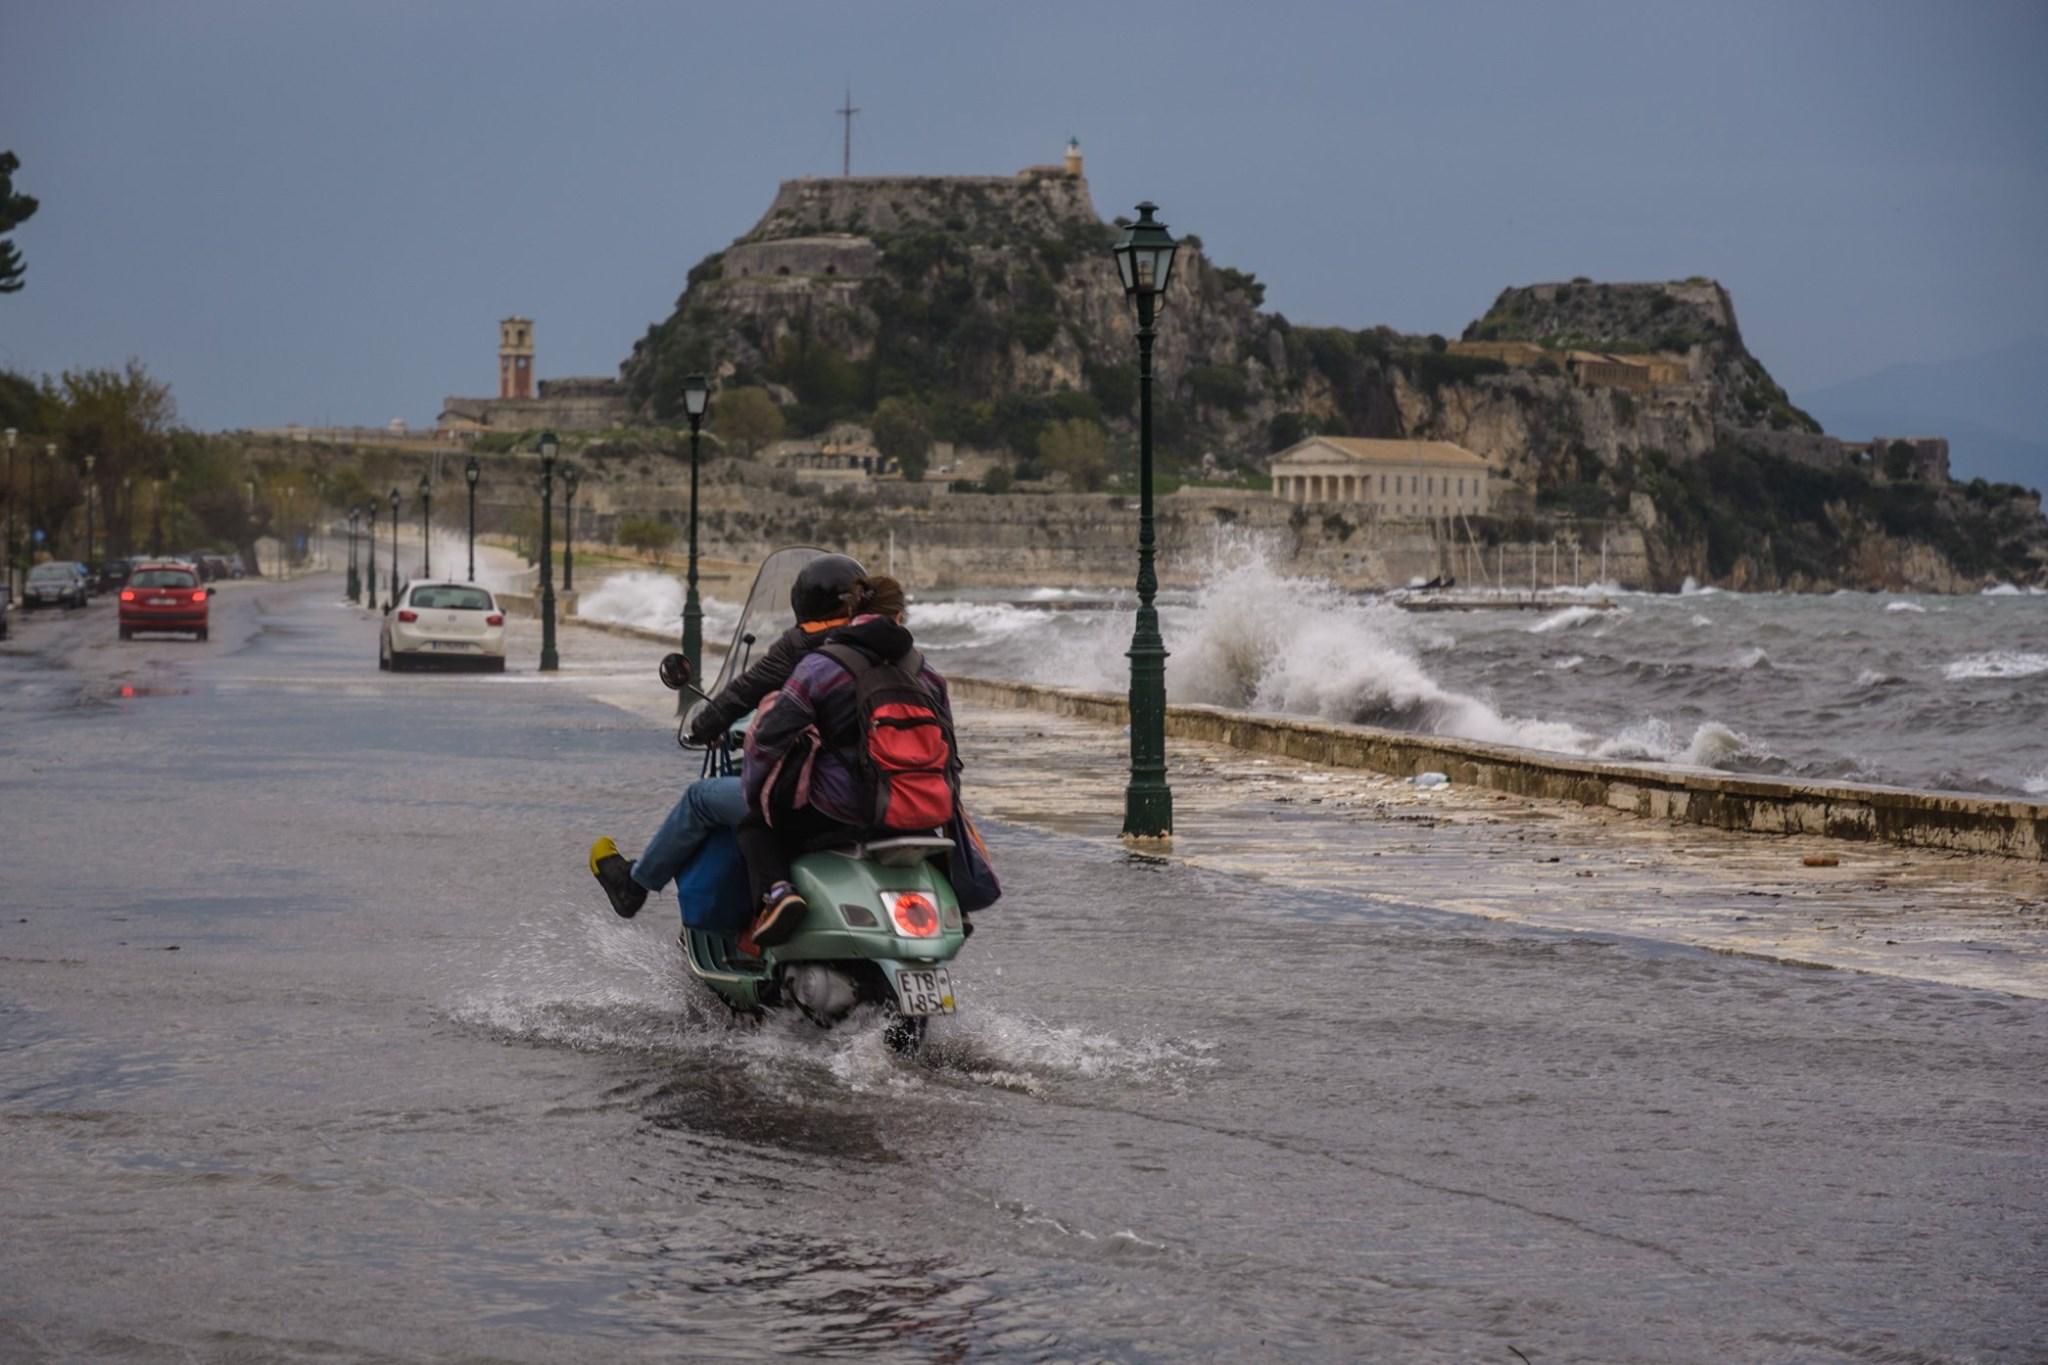 Κακοκαιρία: Η Βικτώρια πάνω από την Αθήνα - Ζημιές σε Χανιά, Κέρκυρα, Κεφαλονιά corfupress5